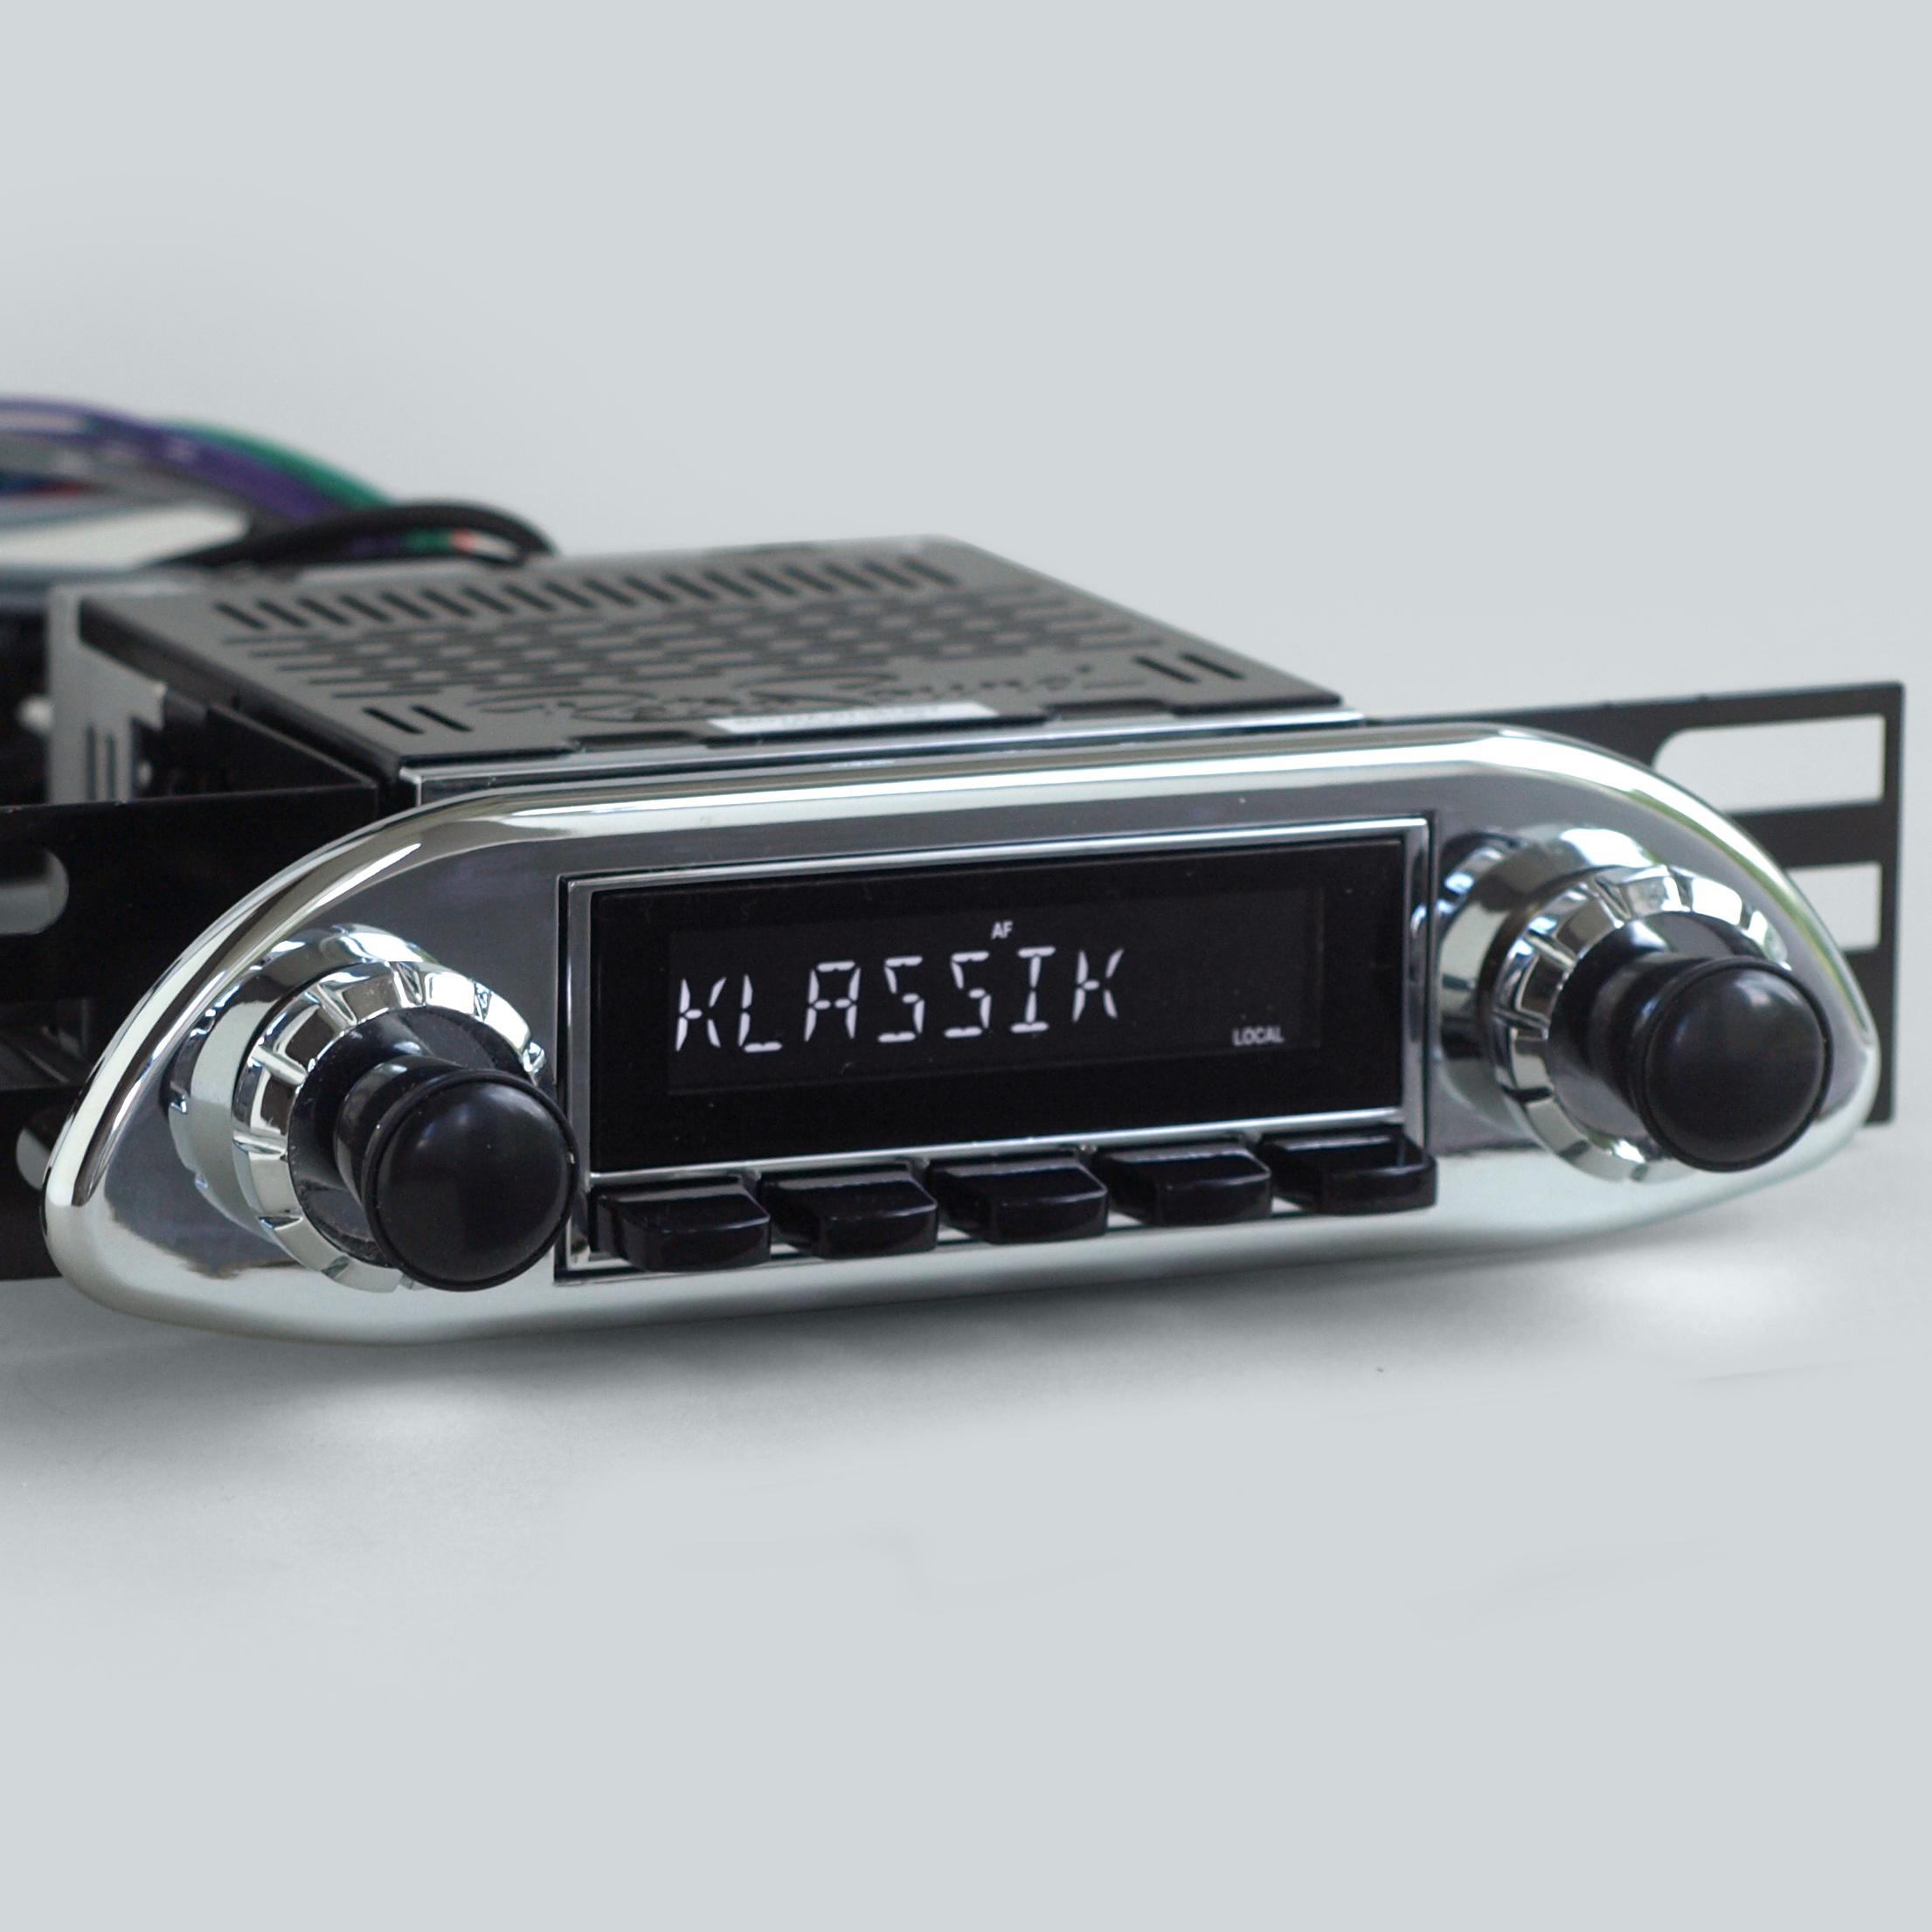 heinrici neues radio alter look mit iphone steuerung komplett. Black Bedroom Furniture Sets. Home Design Ideas